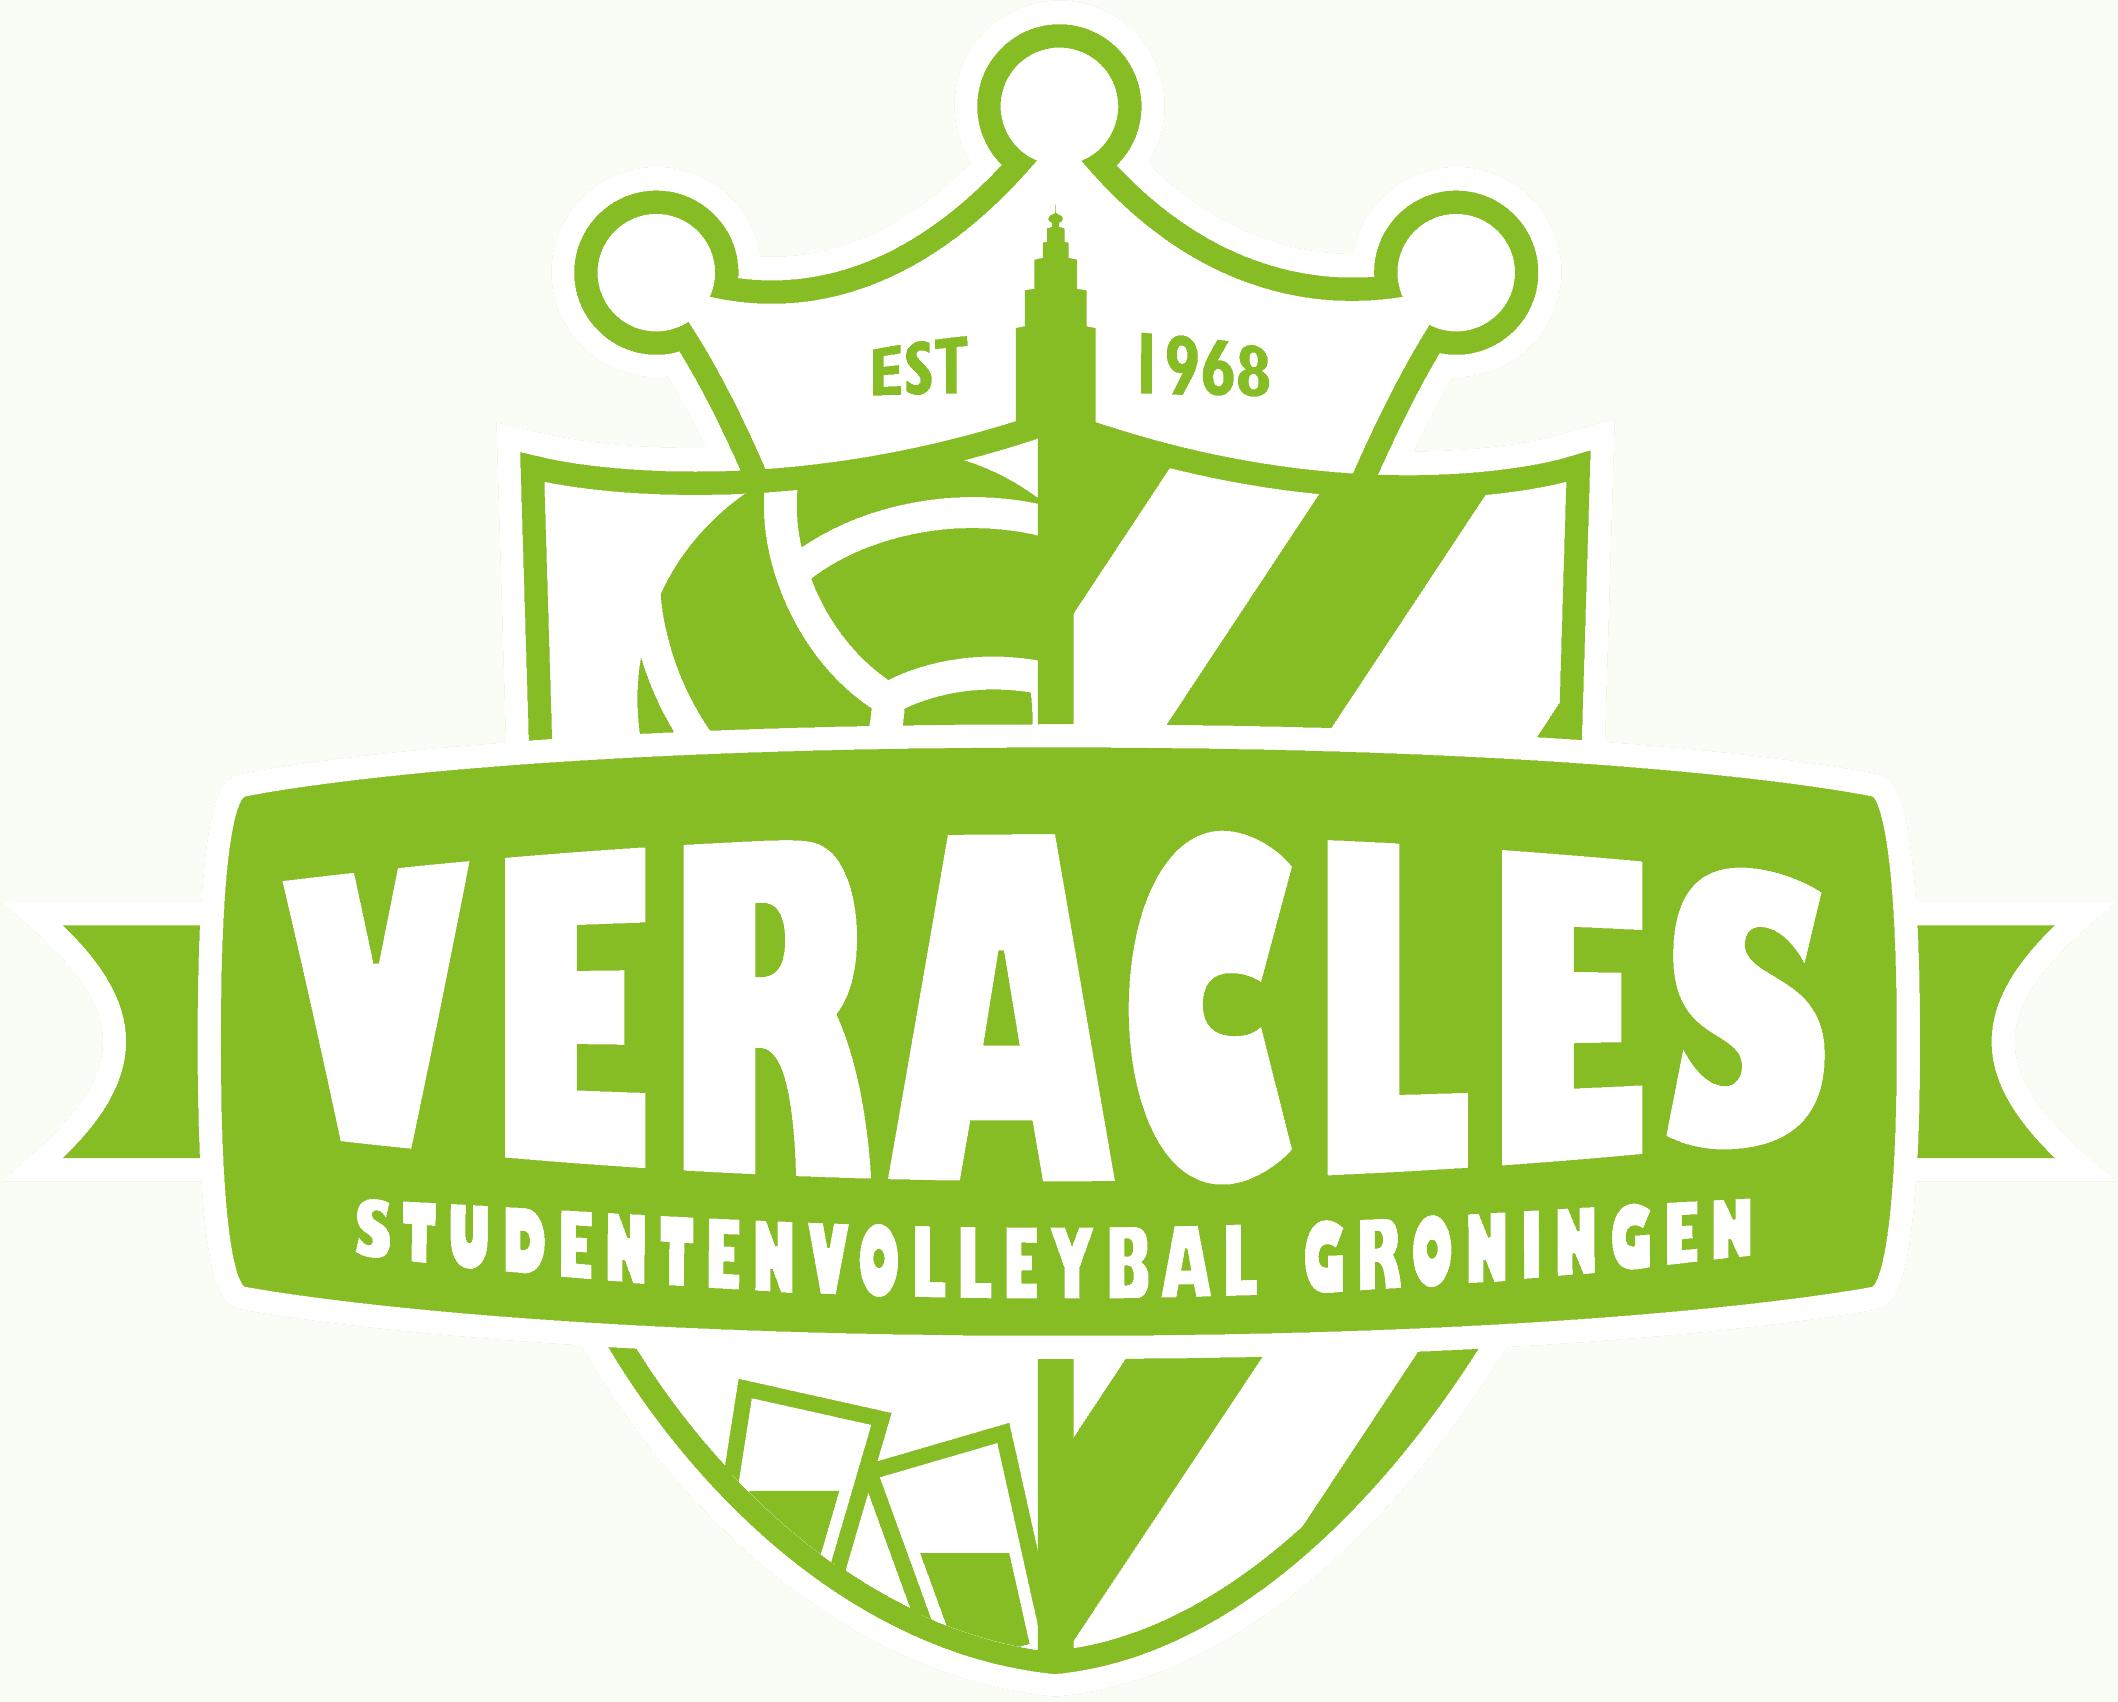 G.S.V.V. Veracles